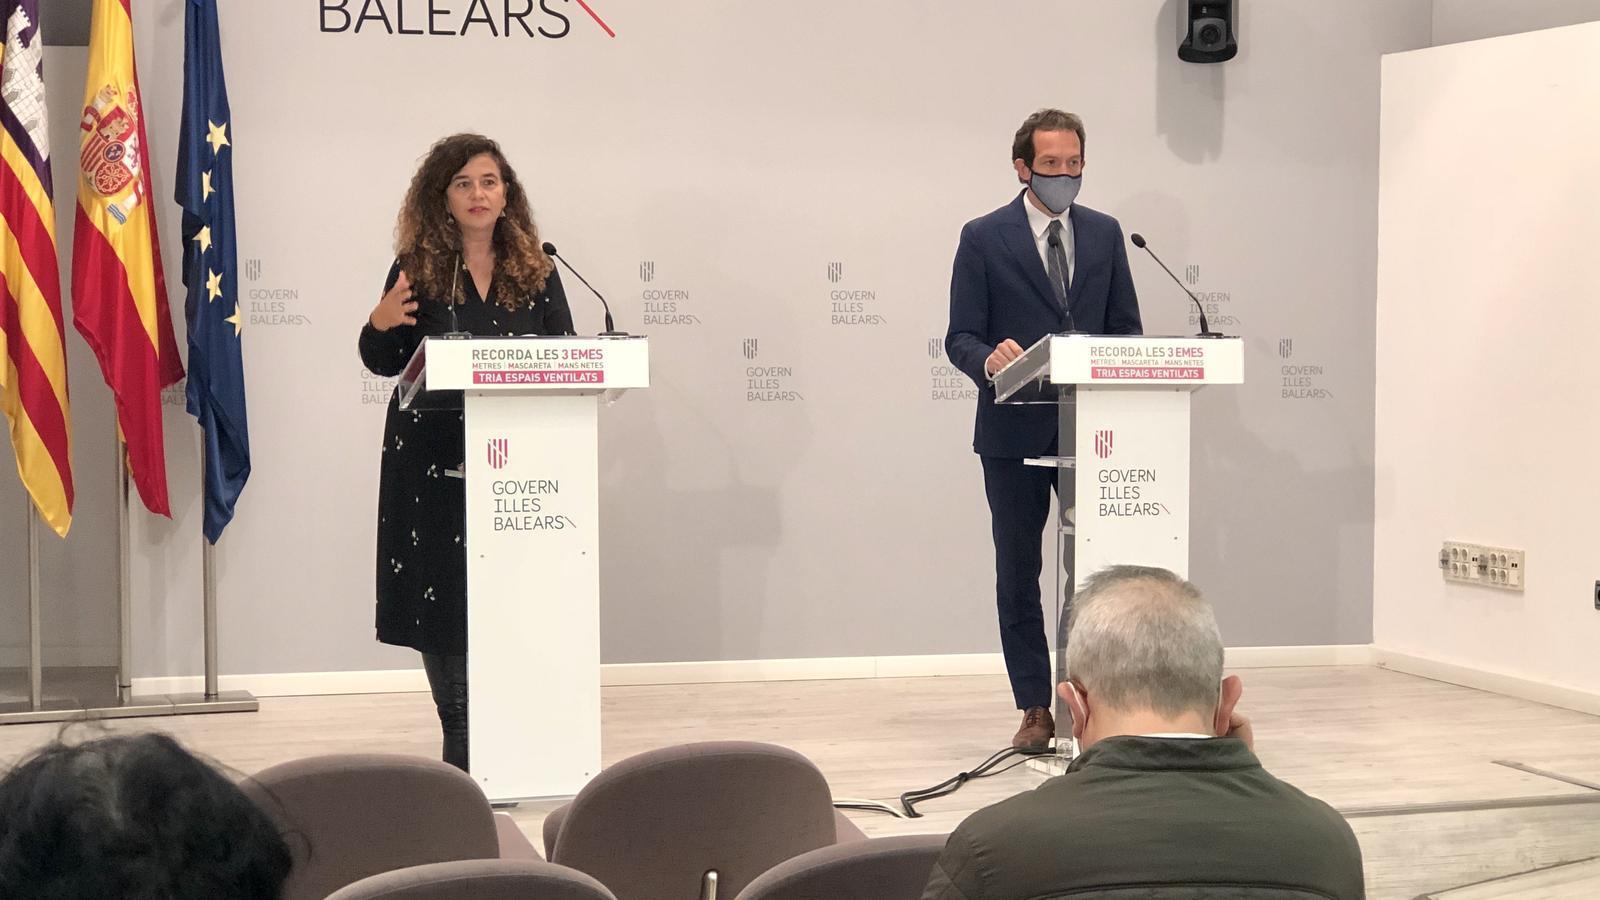 La consellera de Presidència, Pilar Costa, i el conseller de Mobilitat, Marc Pons